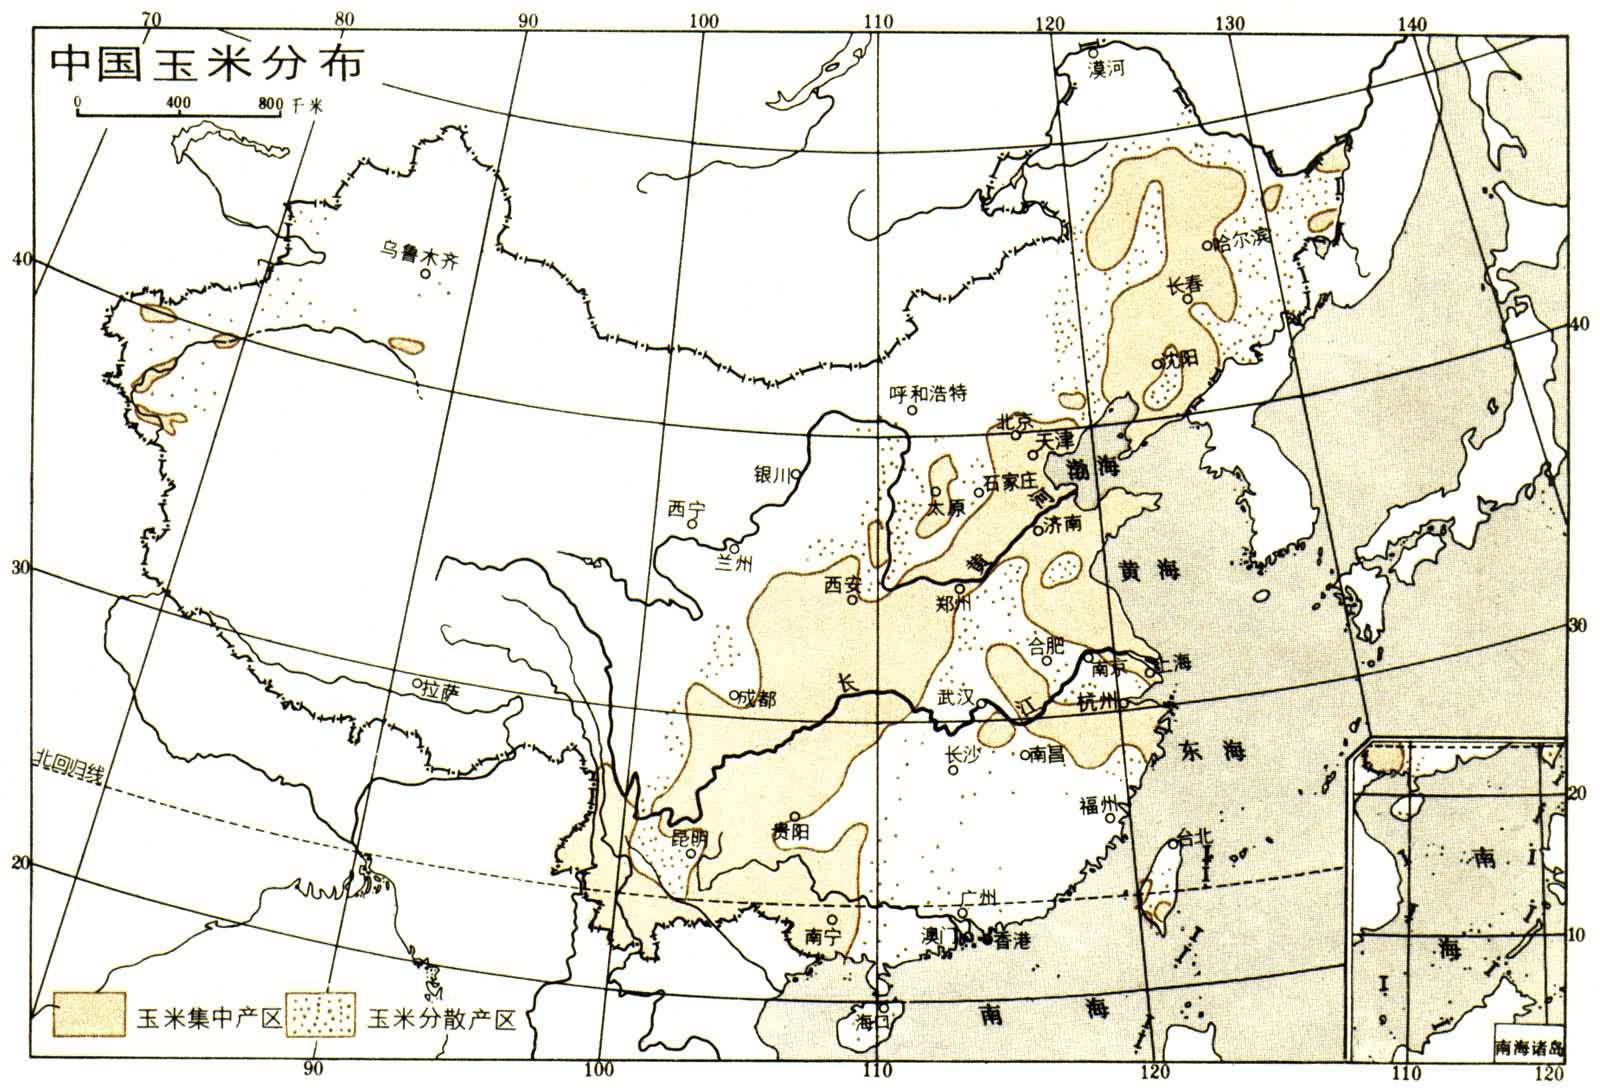 冀北电网地理接线图